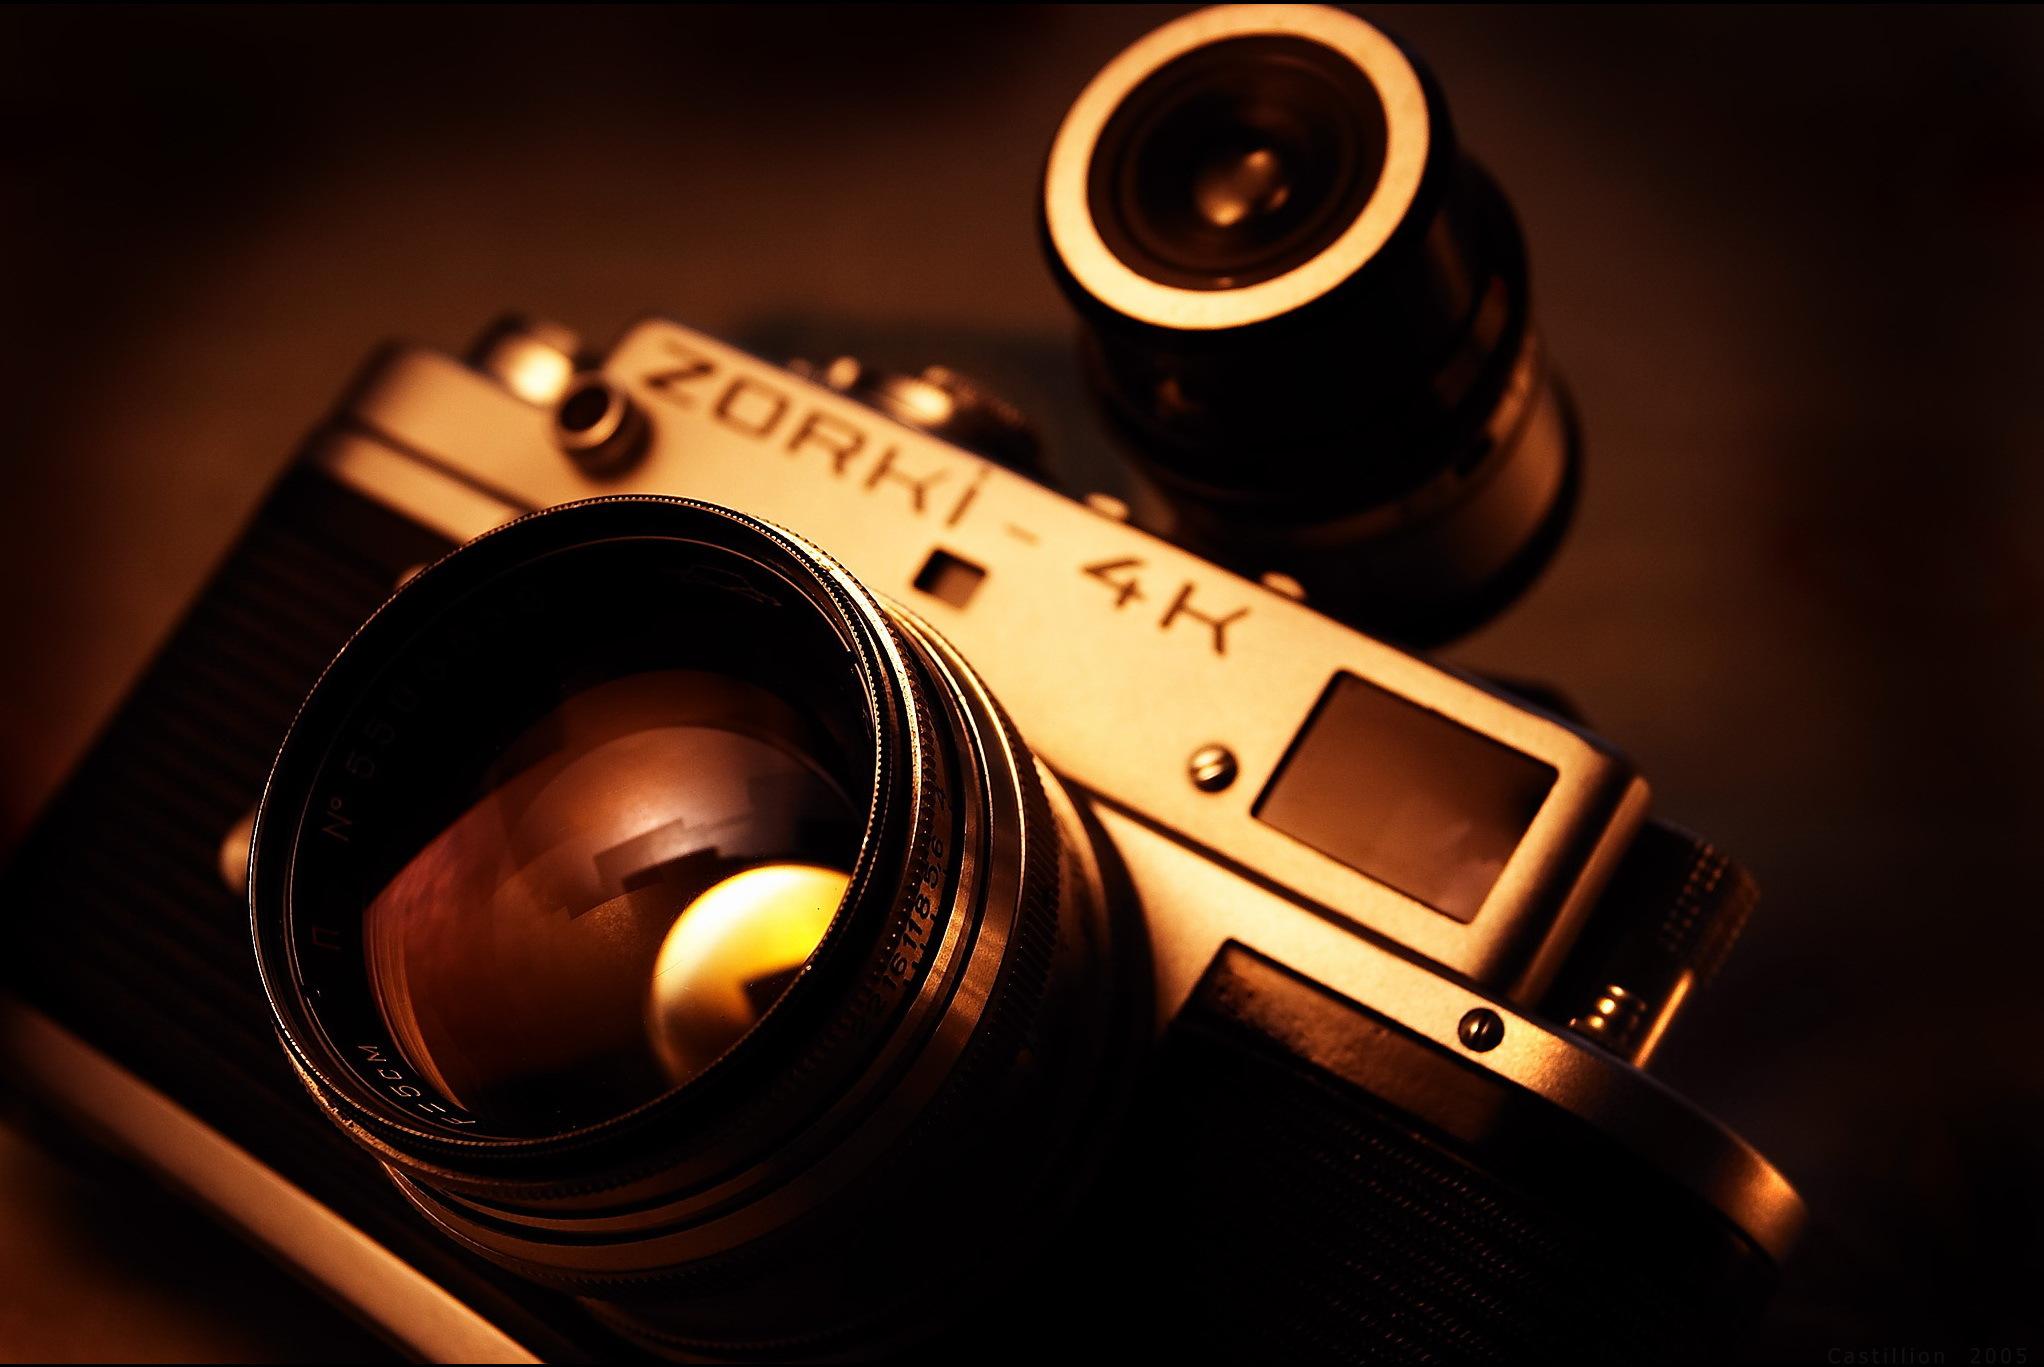 Фотоаппарат Nikon старый  № 3624512  скачать